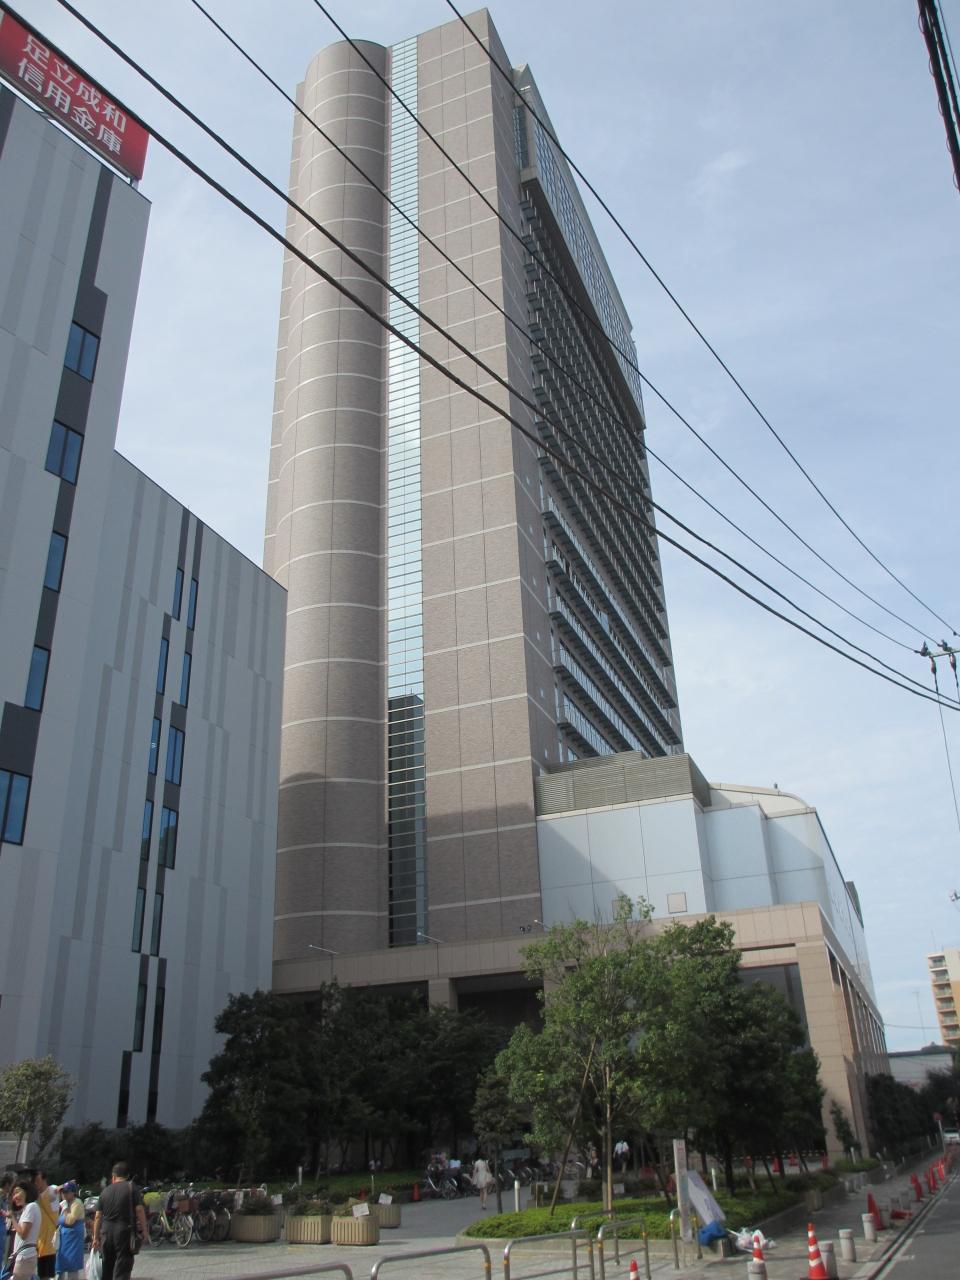 東京芸術センターの口コミ - tripadvisor.jp